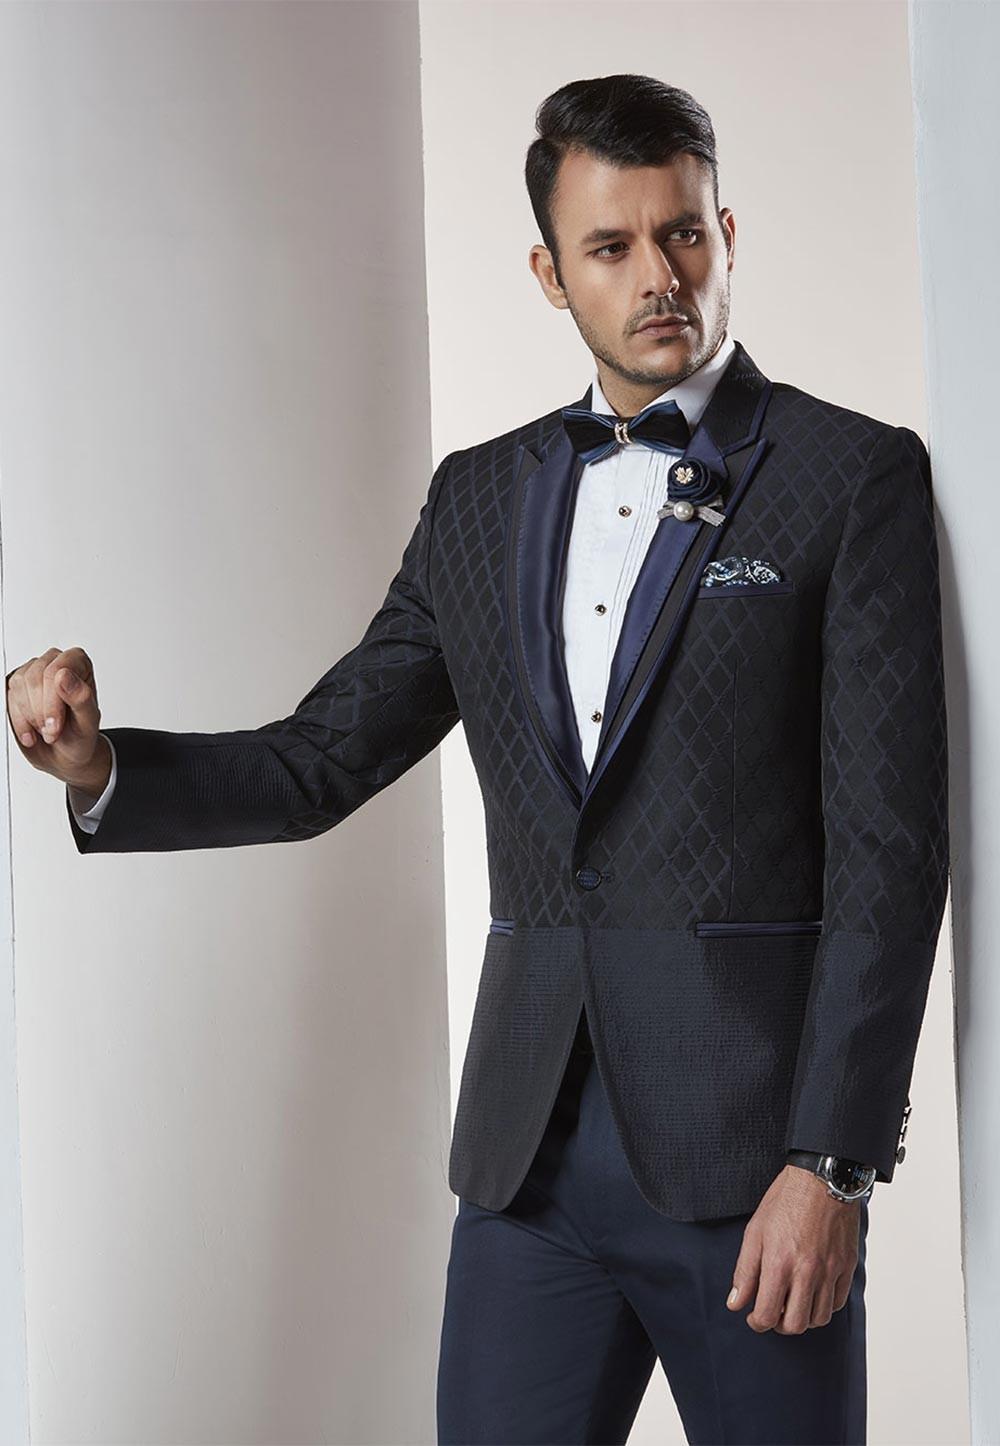 Black&Blue Colour Designer Wedding Suit.